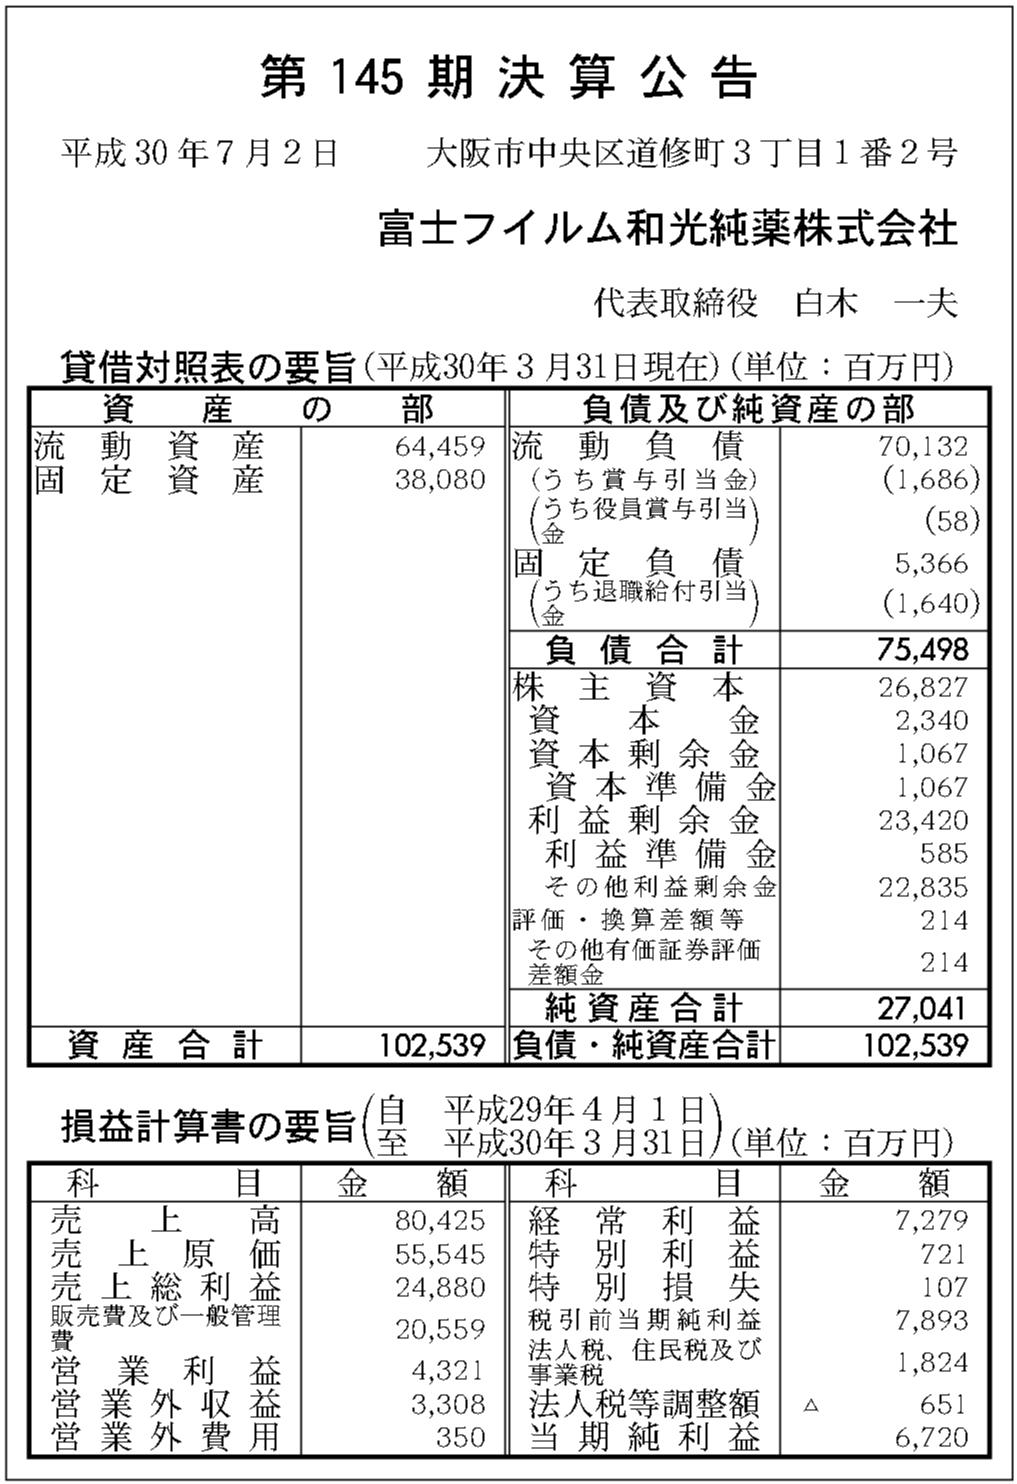 富士 フイルム 和 光純 薬 工業 株式 会社